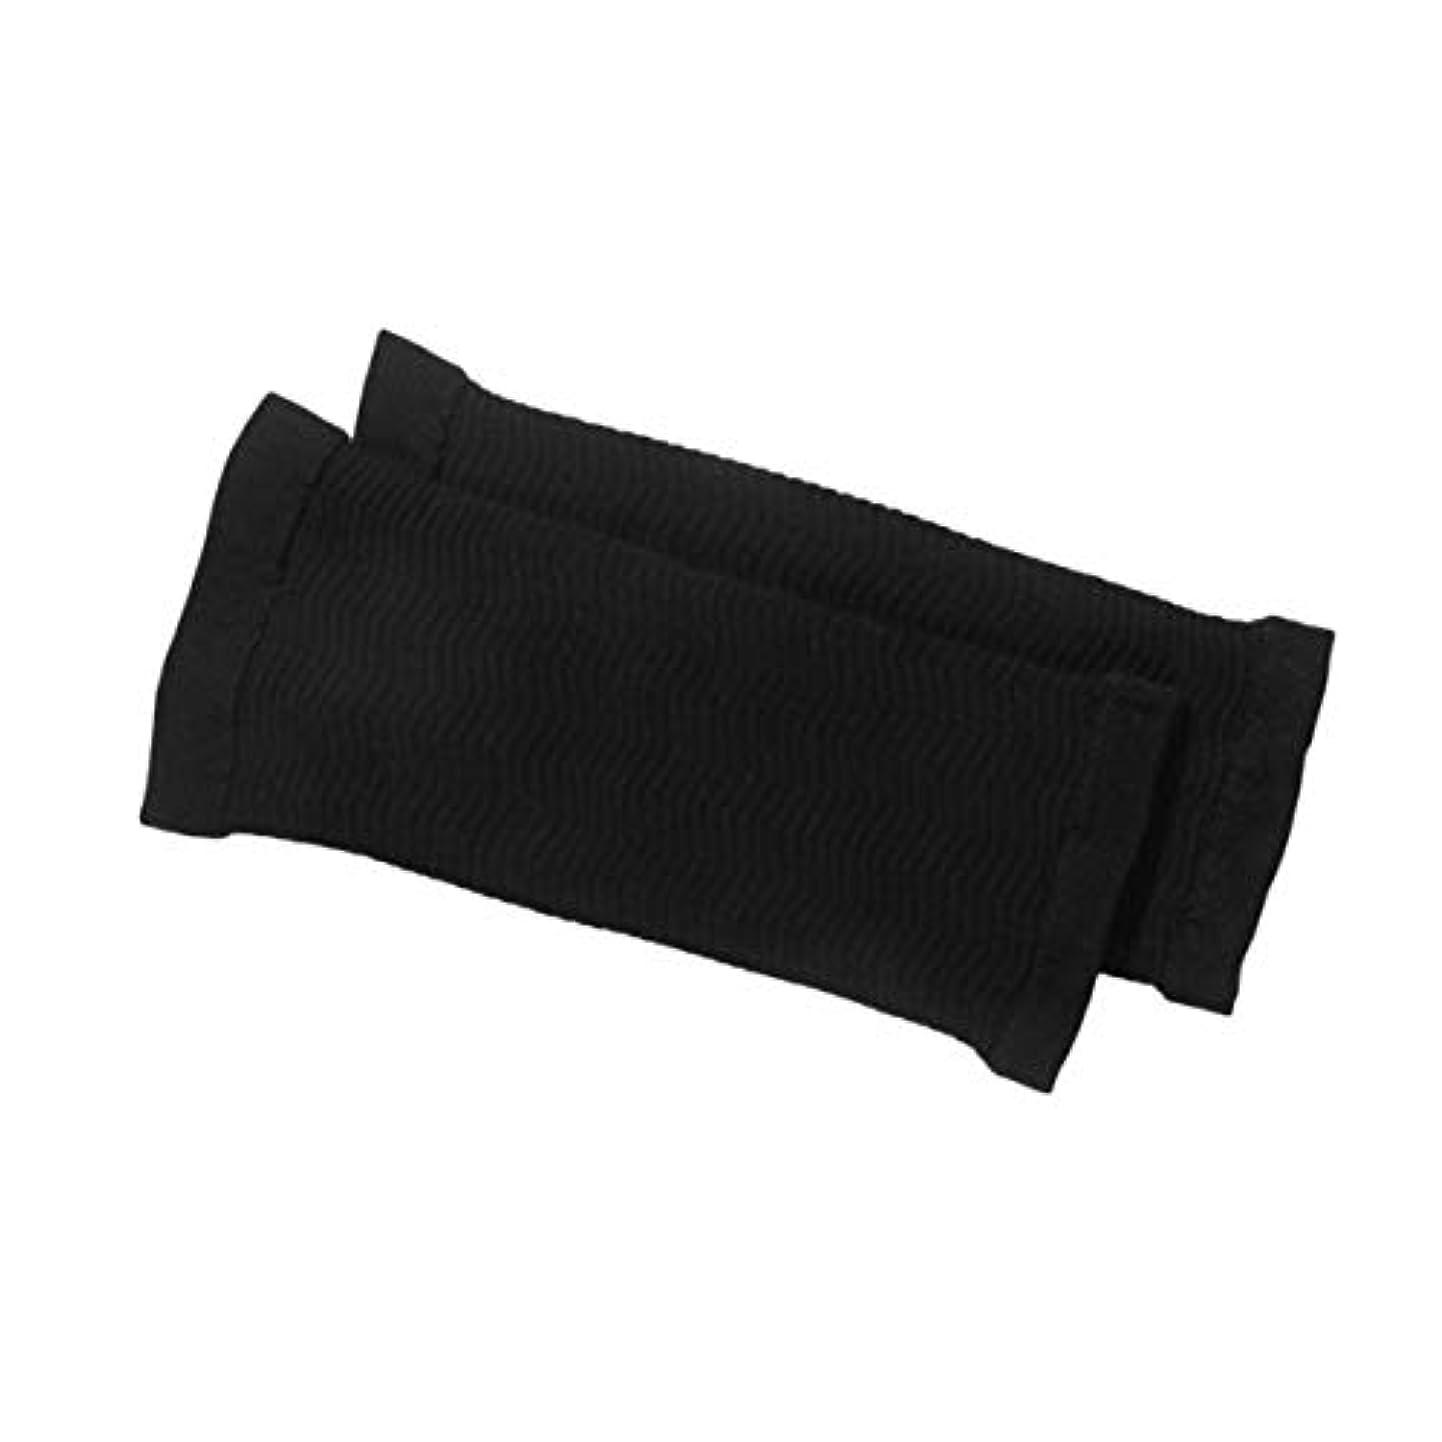 摘む電気印象的な1ペア420 D圧縮痩身アームスリーブワークアウトトーニングバーンセルライトシェイパー脂肪燃焼袖用女性 - 黒